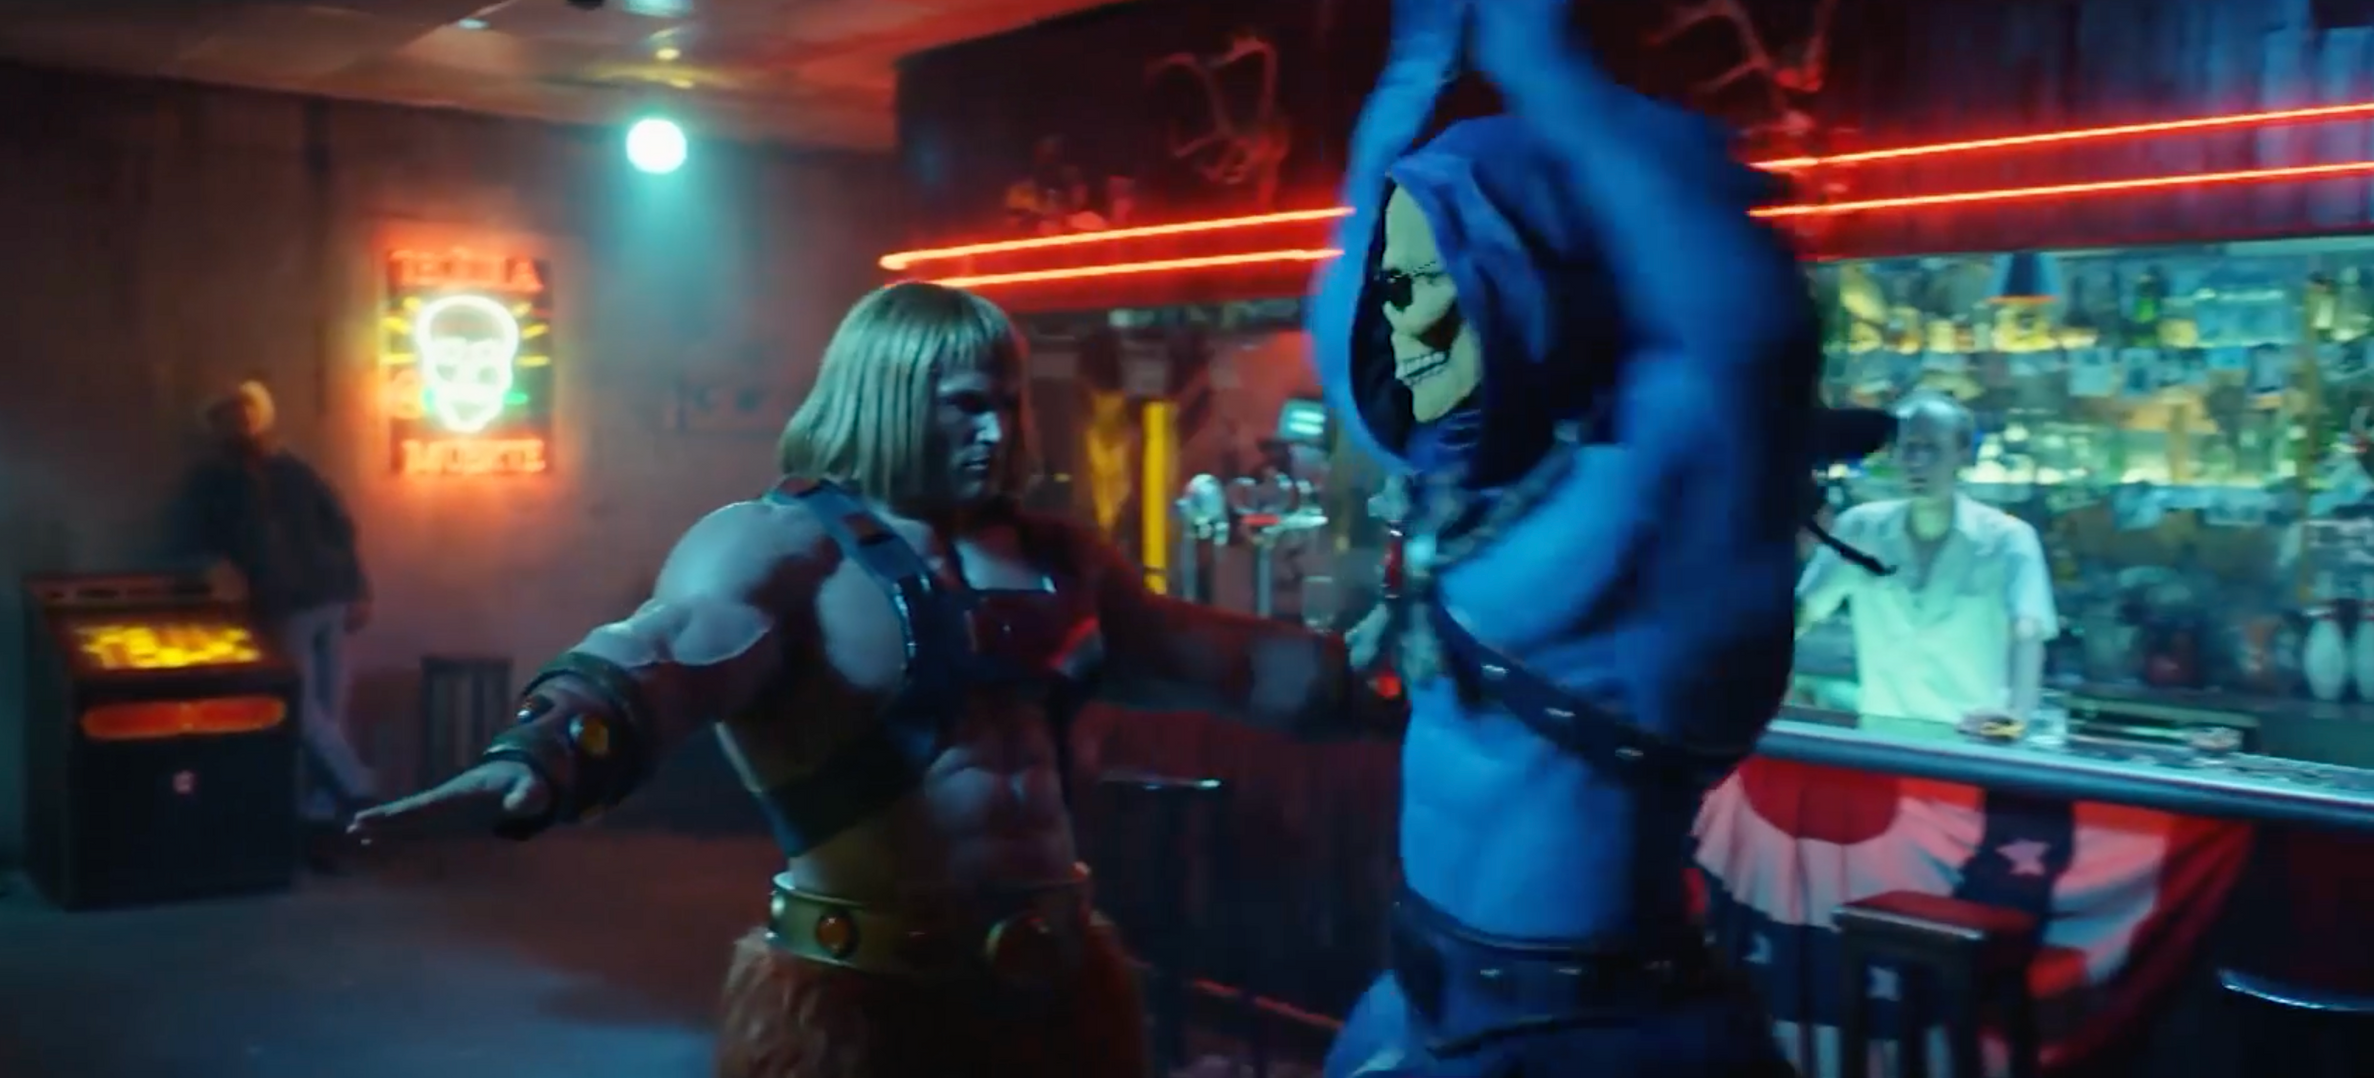 Superhrdina sex videa